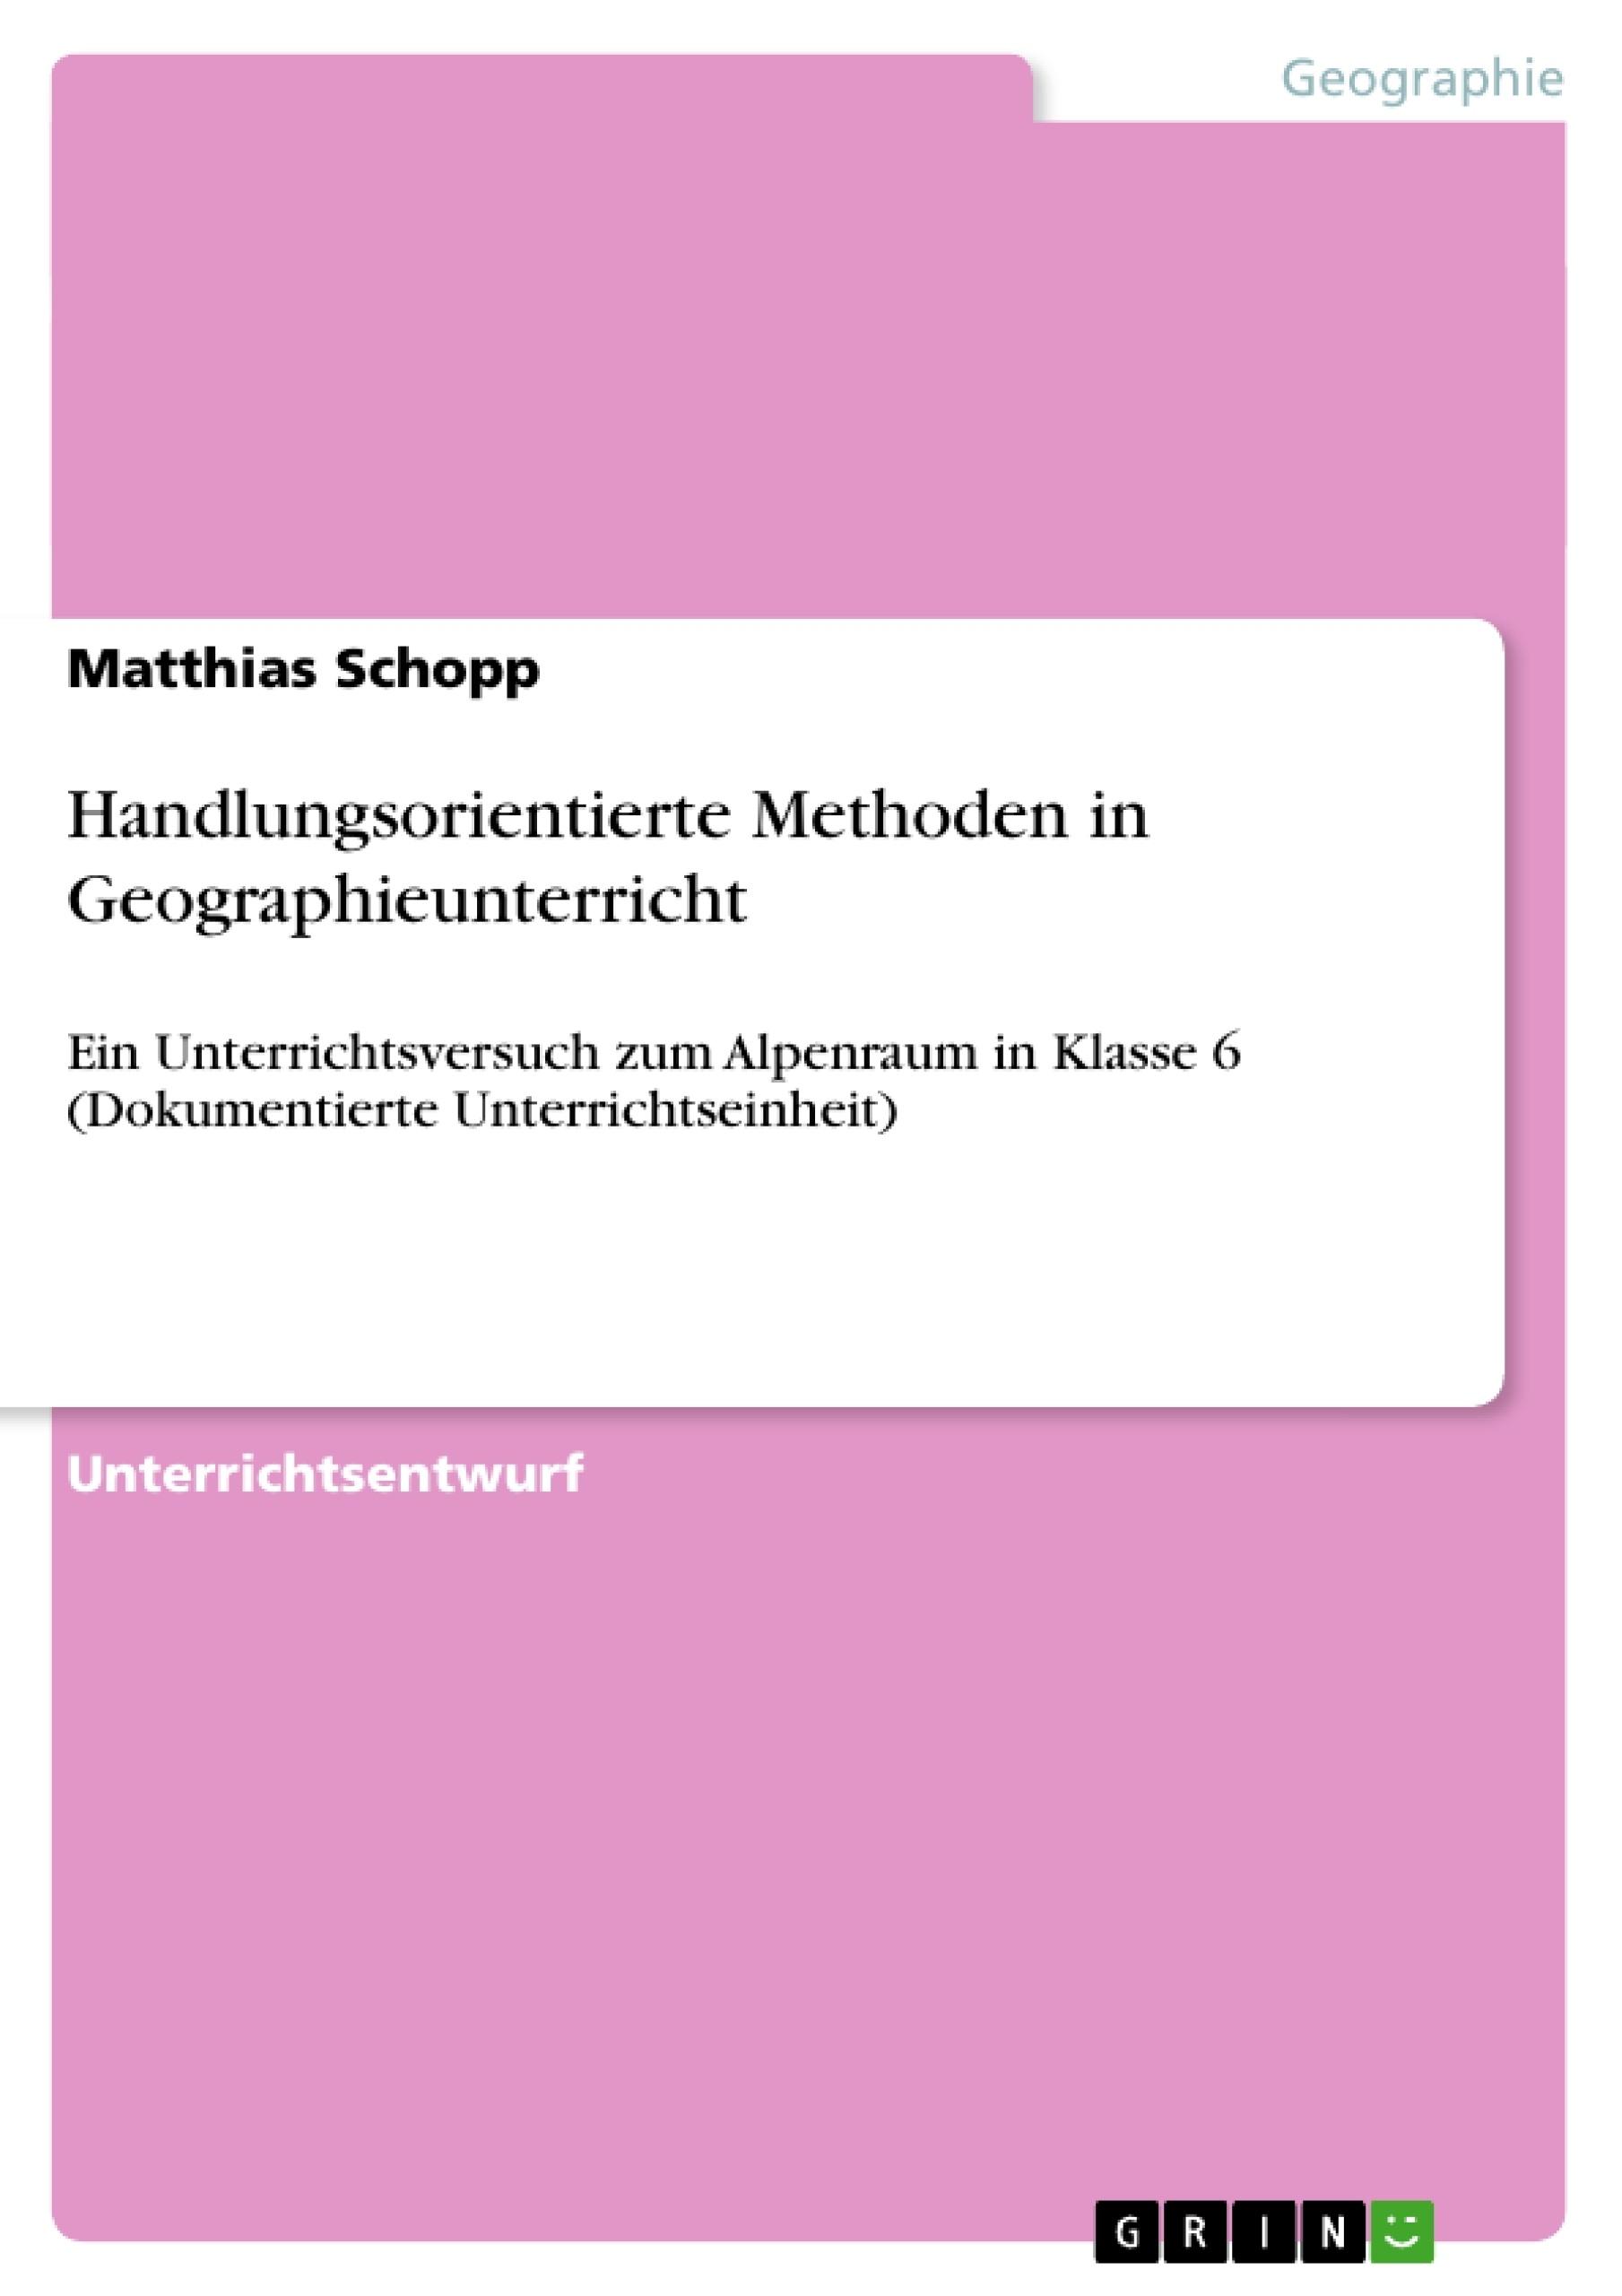 Funky Experimentelles Design Arbeitsblatt Wissenschaftliche Methode ...